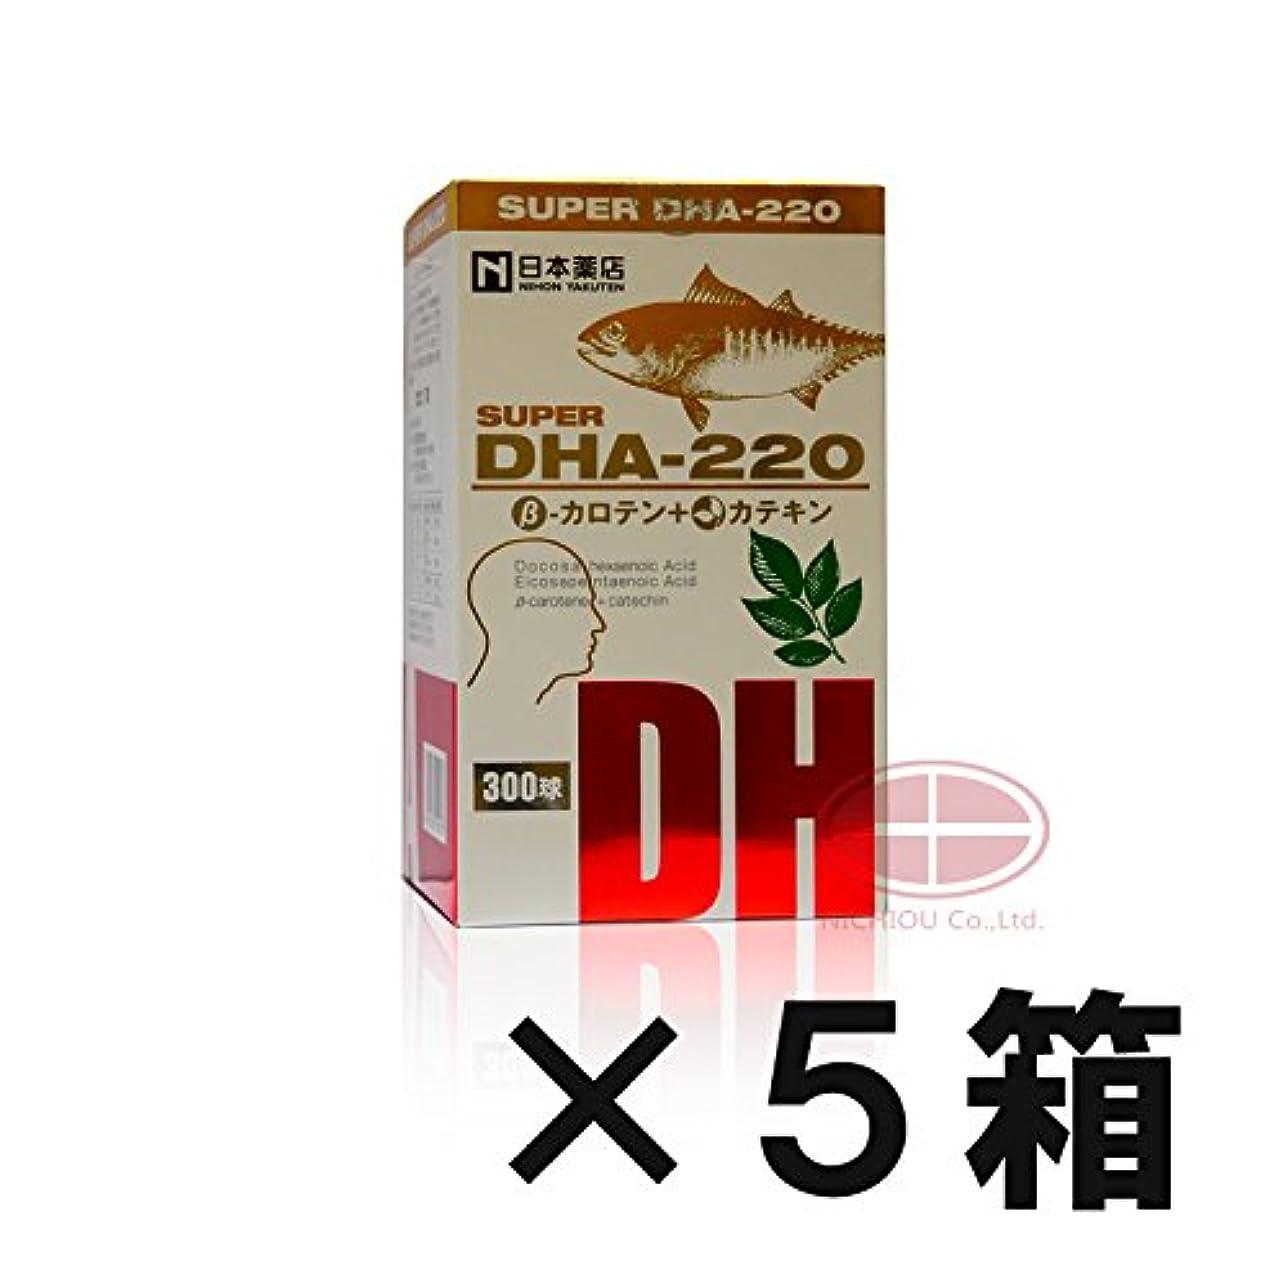 換気するタールハンディキャップ薬王製薬 スーパーDHA220 βカロテン+カテキン 300粒 (5)